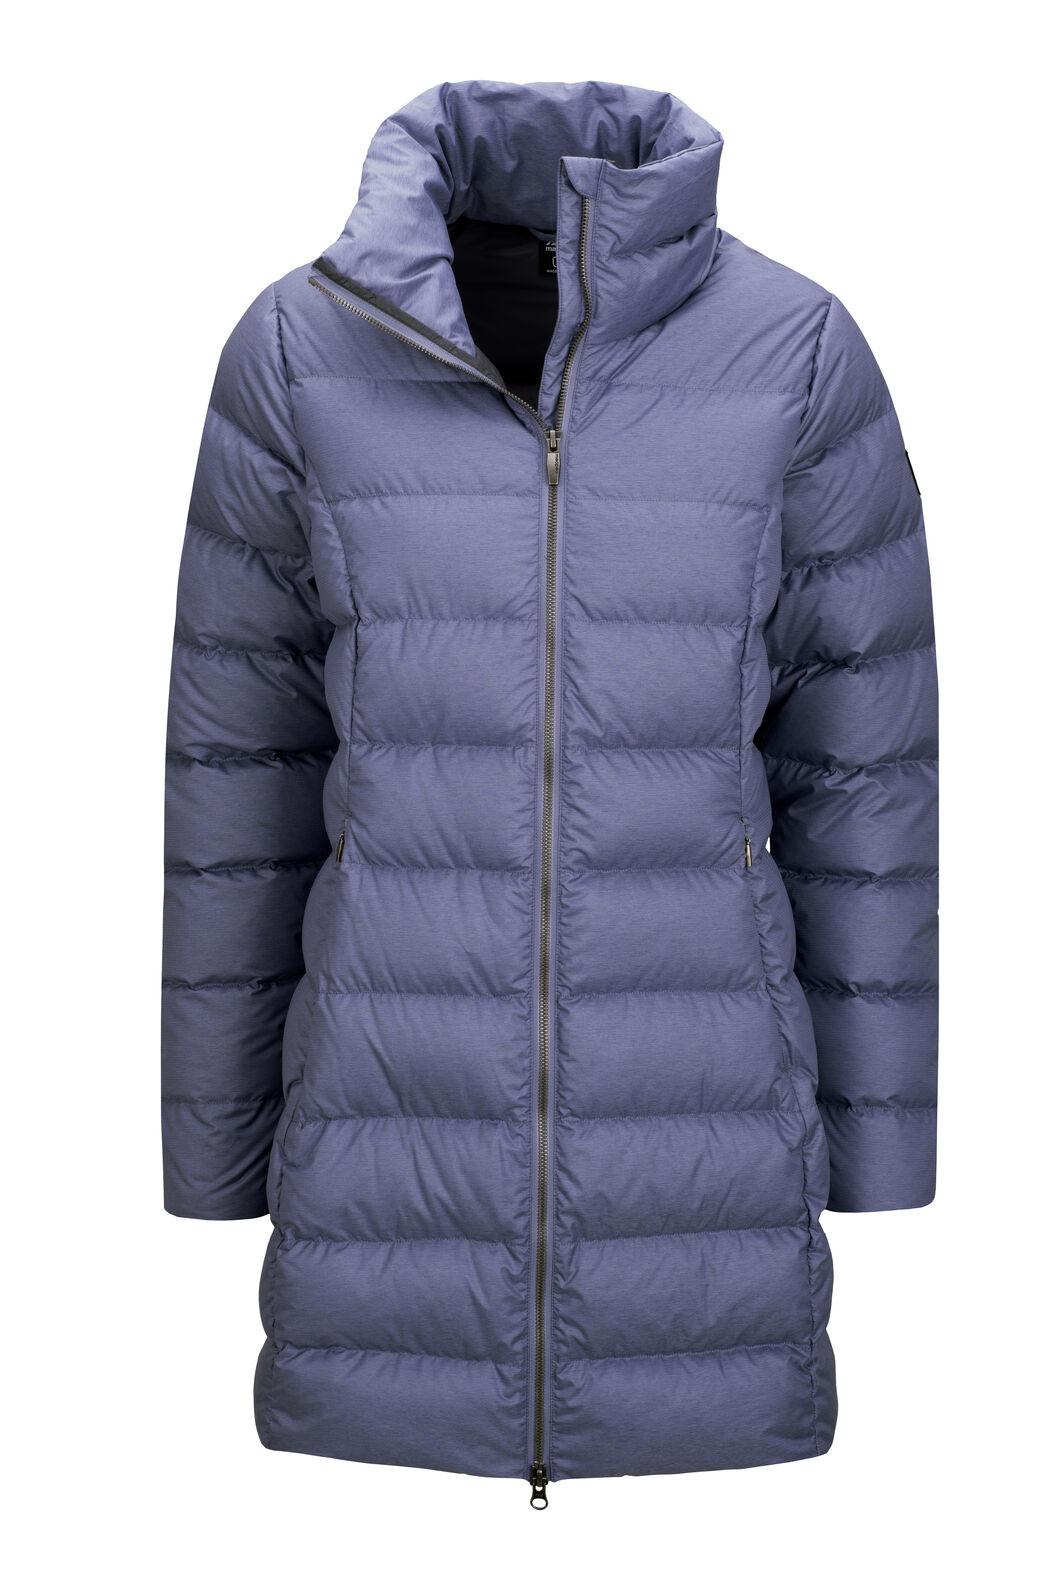 Macpac Women's Demi Down Coat, Blue Granite Melange, hi-res